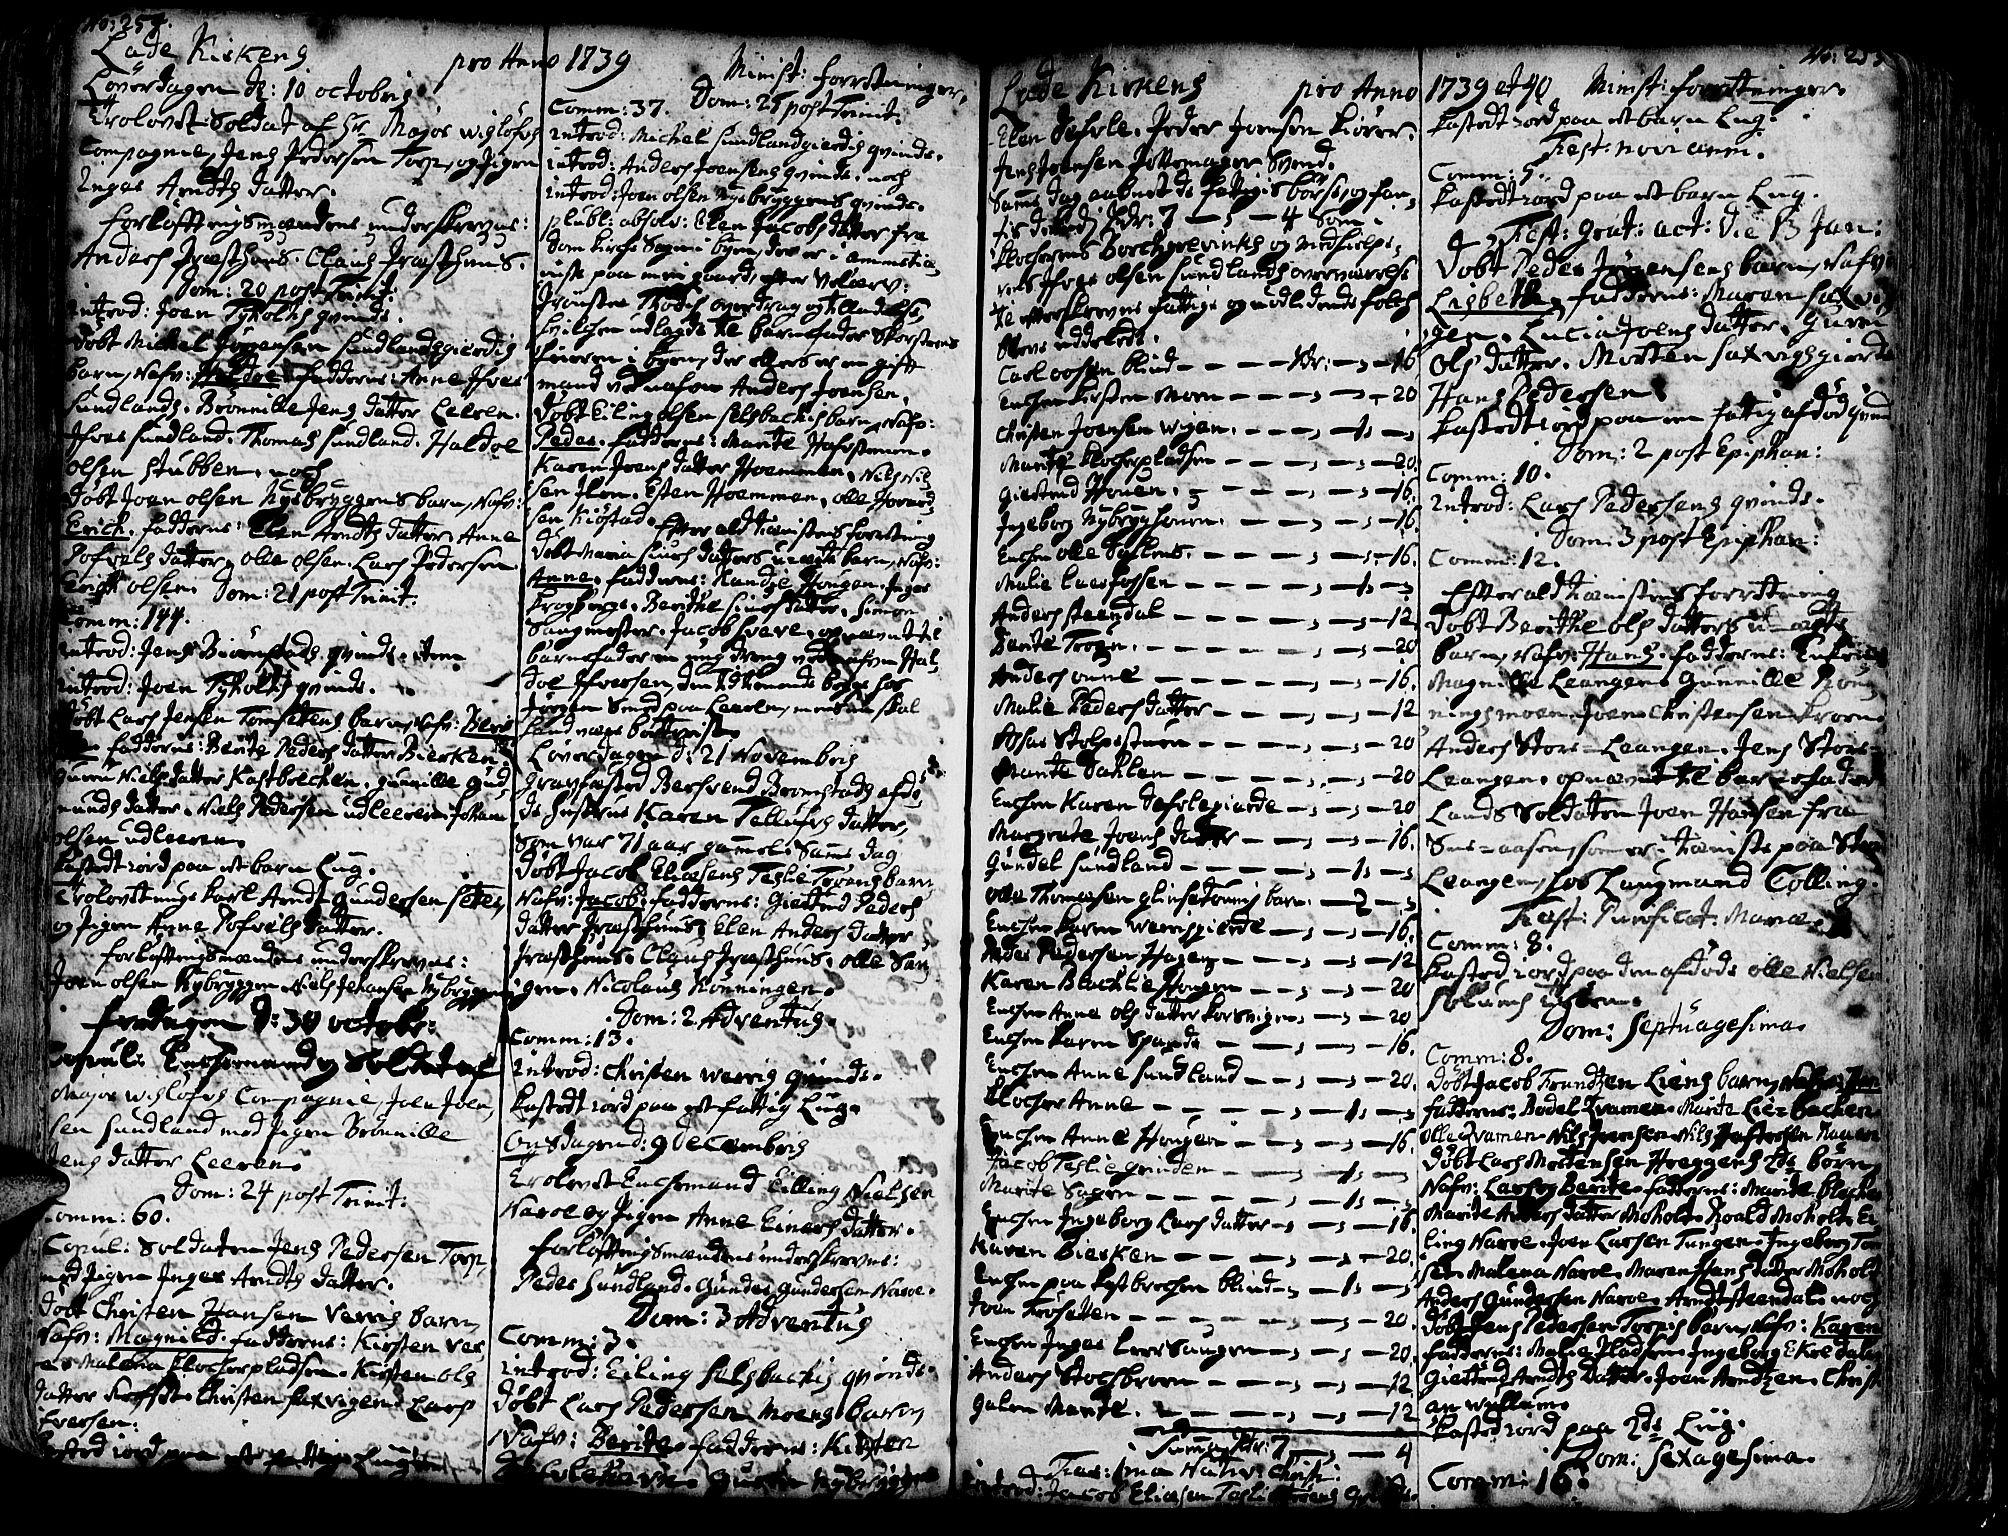 SAT, Ministerialprotokoller, klokkerbøker og fødselsregistre - Sør-Trøndelag, 606/L0275: Ministerialbok nr. 606A01 /1, 1727-1780, s. 254-255